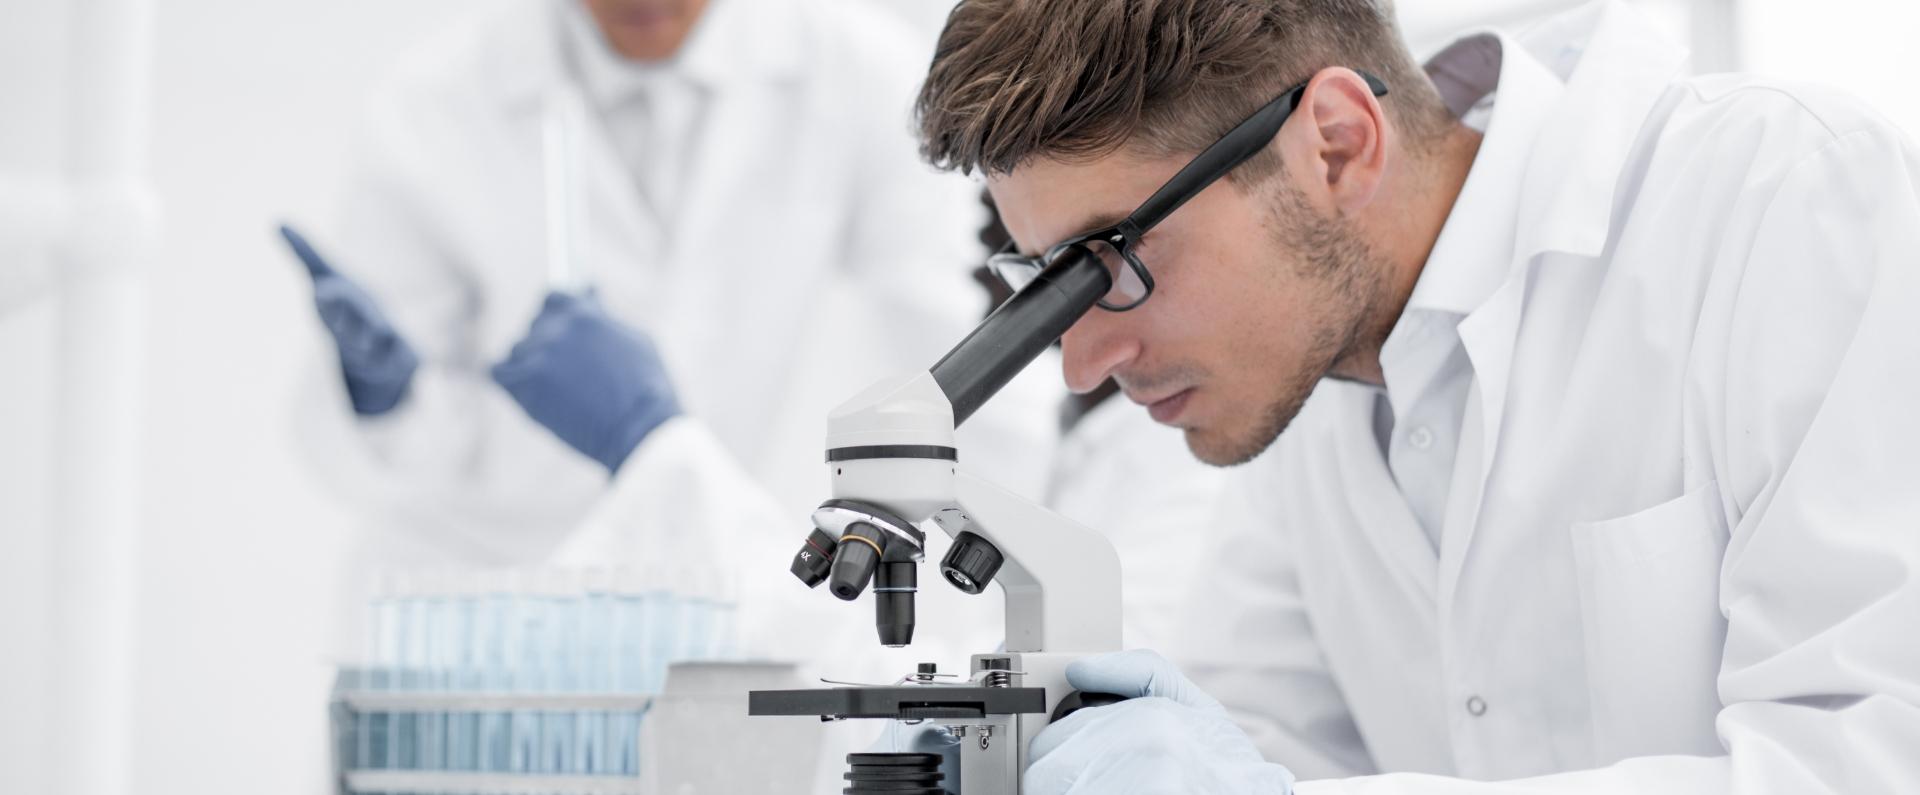 Eine junge Person guckt durch ein Mikroskop